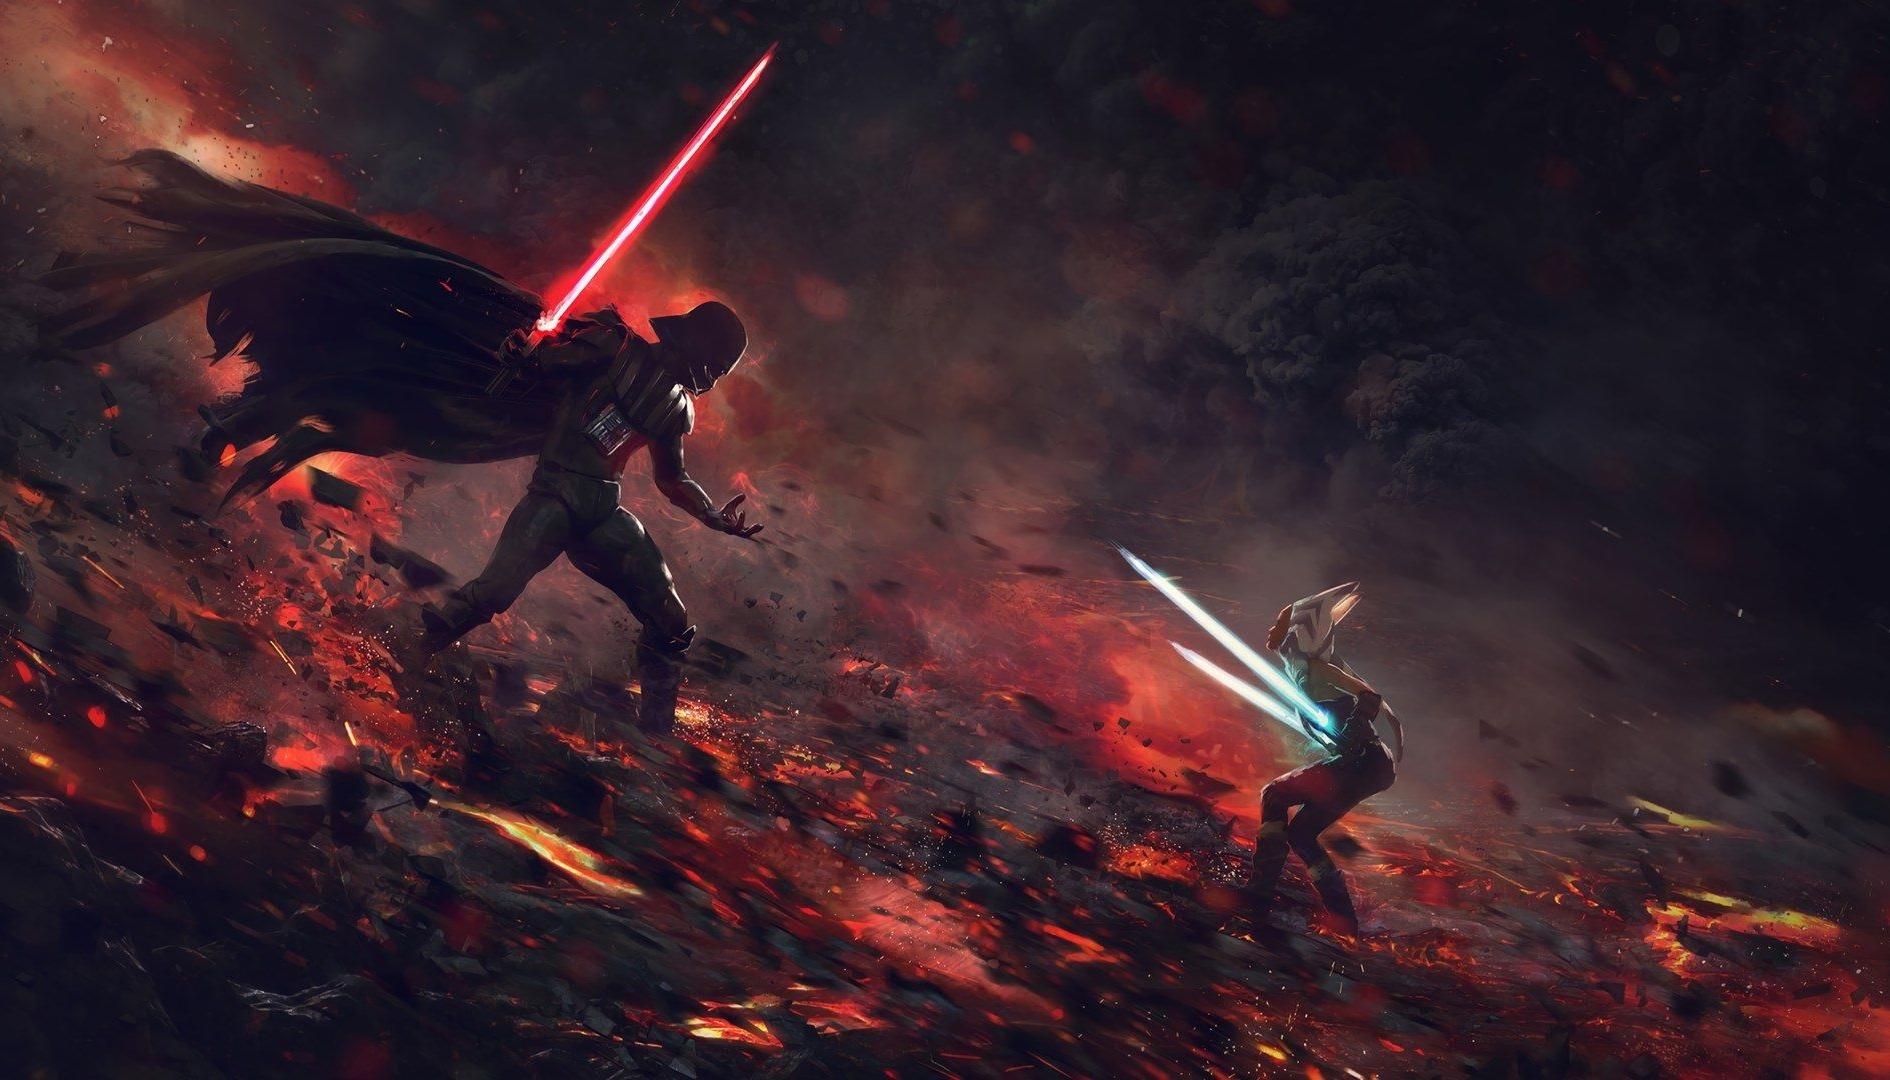 Star Wars, uno studio inaspettato al lavoro su un nuovo videogioco?